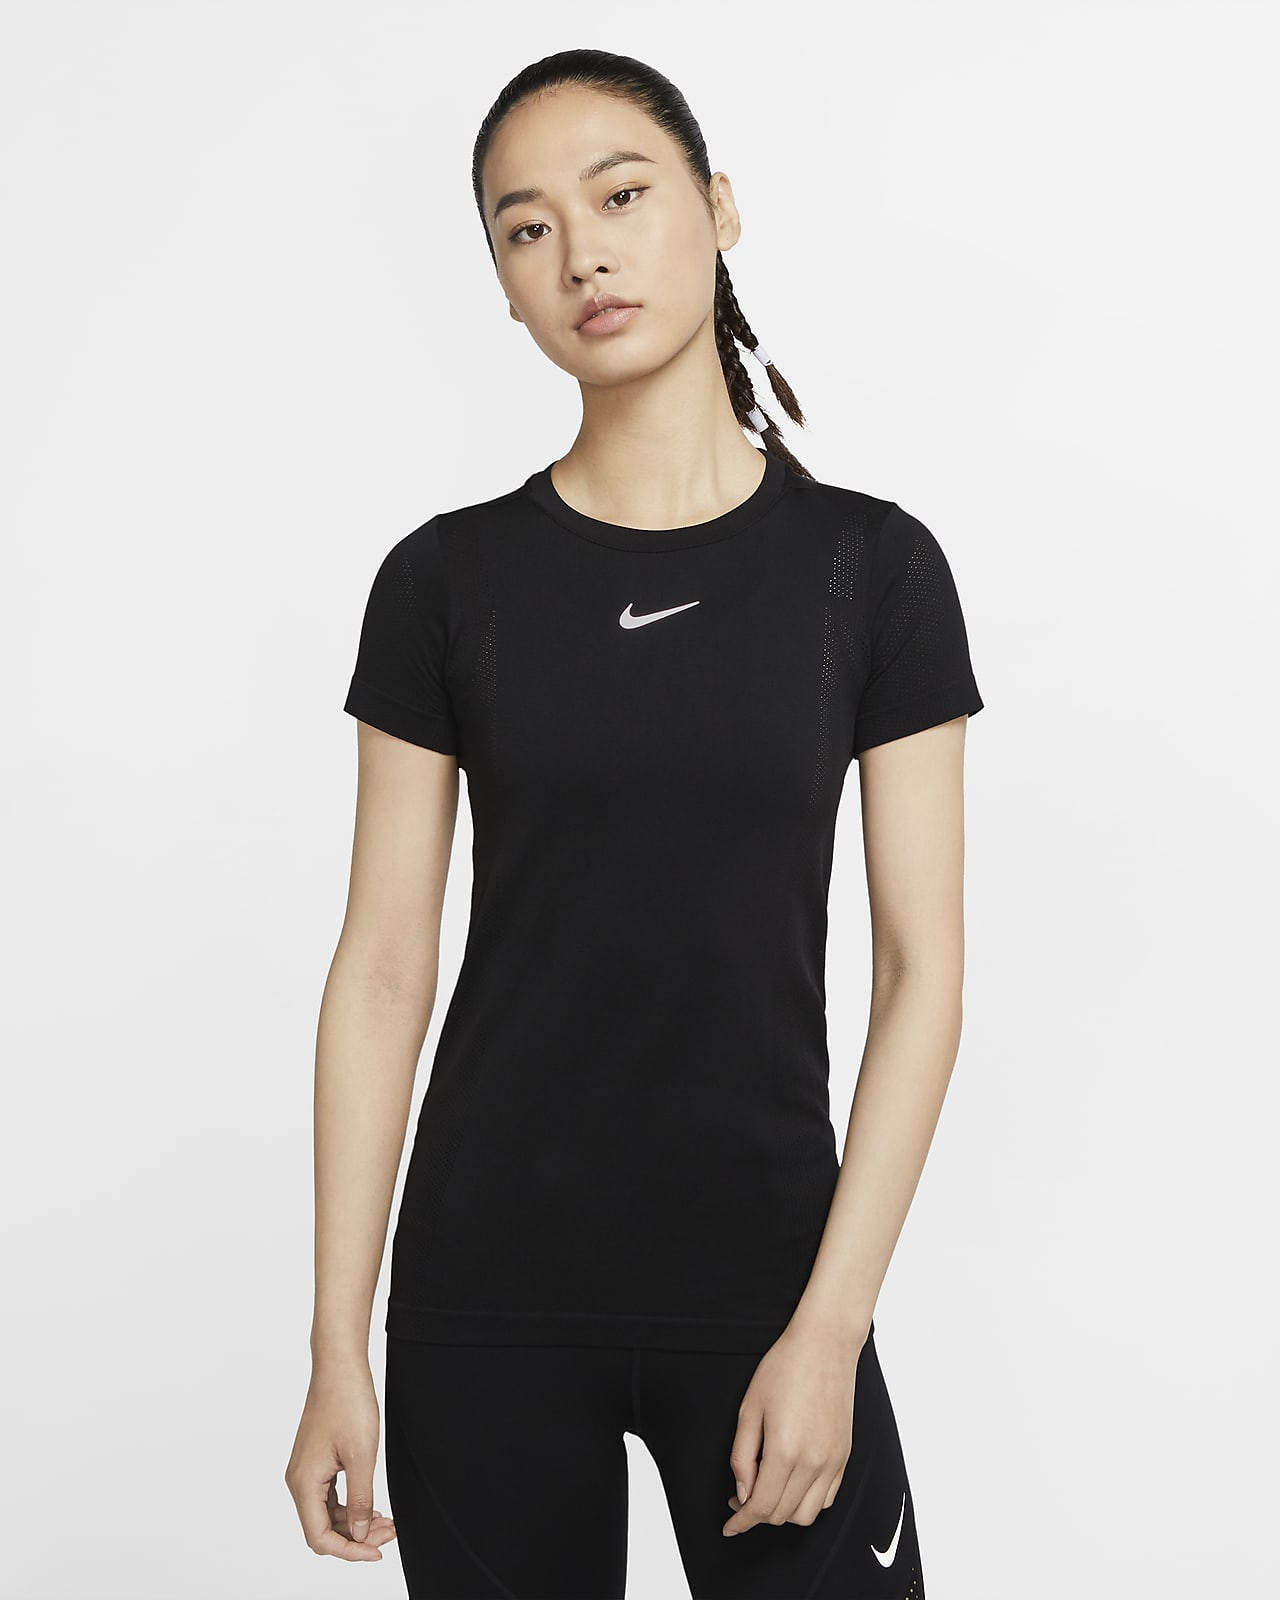 Löpartröja Nike Infinite för kvinnor